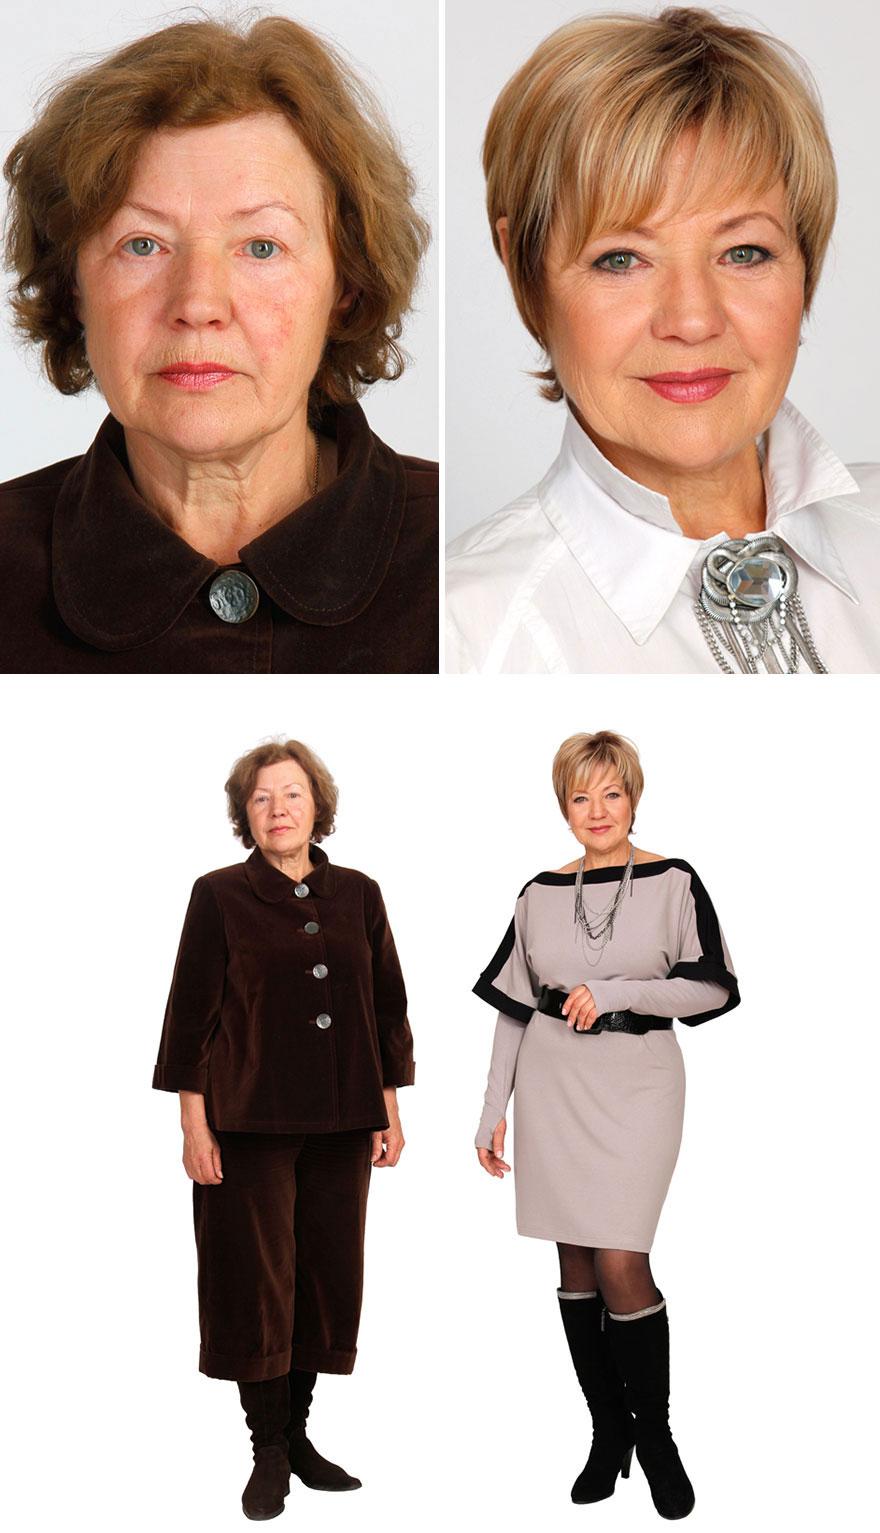 fotos-antes-despues-mujeres-cambio-estilo-bogomolov (33)